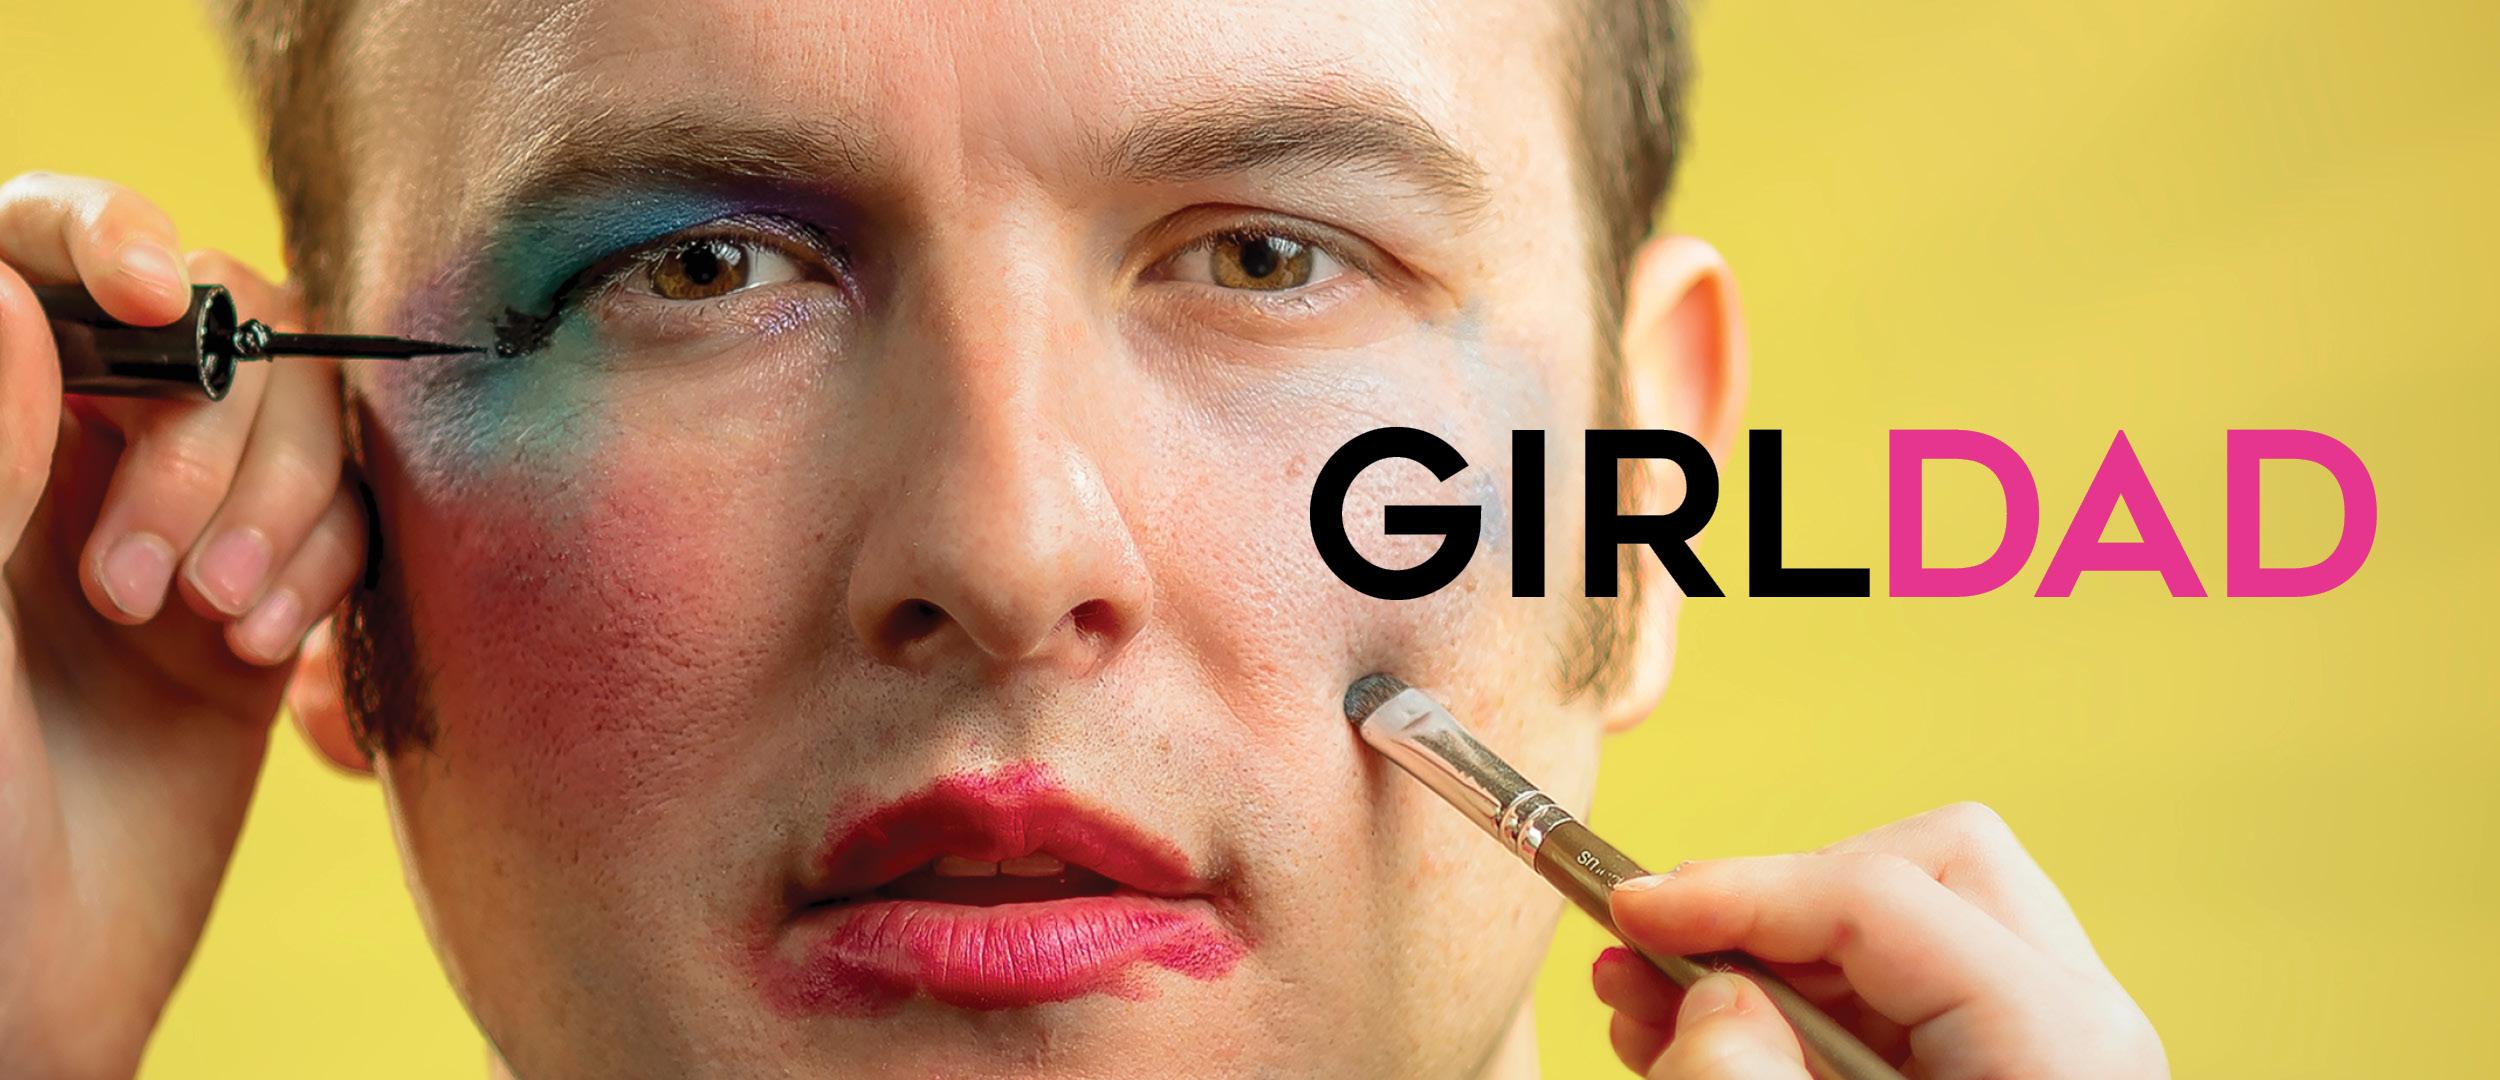 banner-GirlDad.jpg